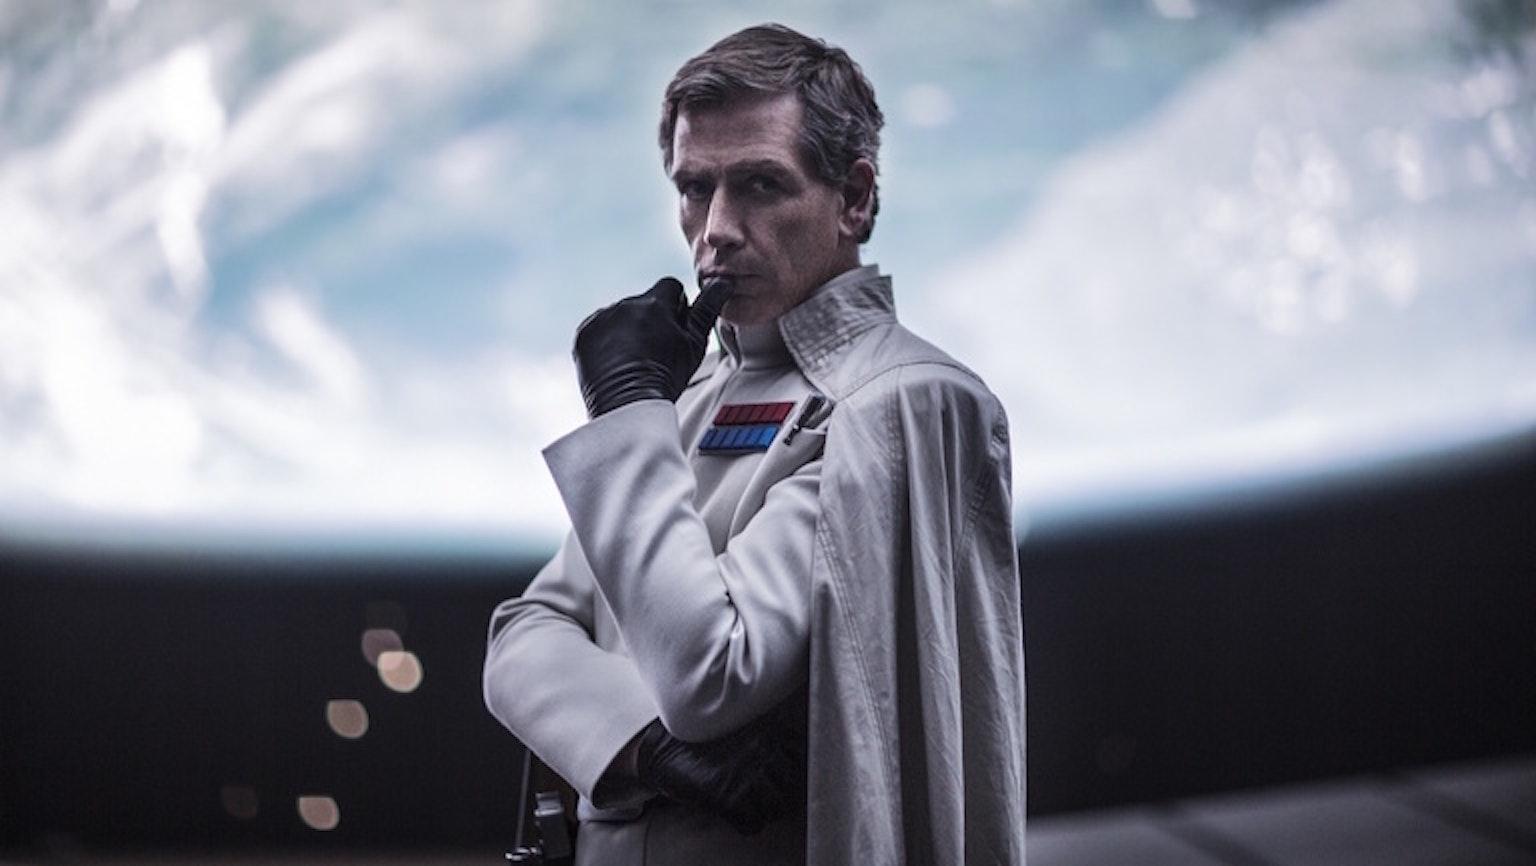 Hmmm....I wonder how Vader will destroy me?